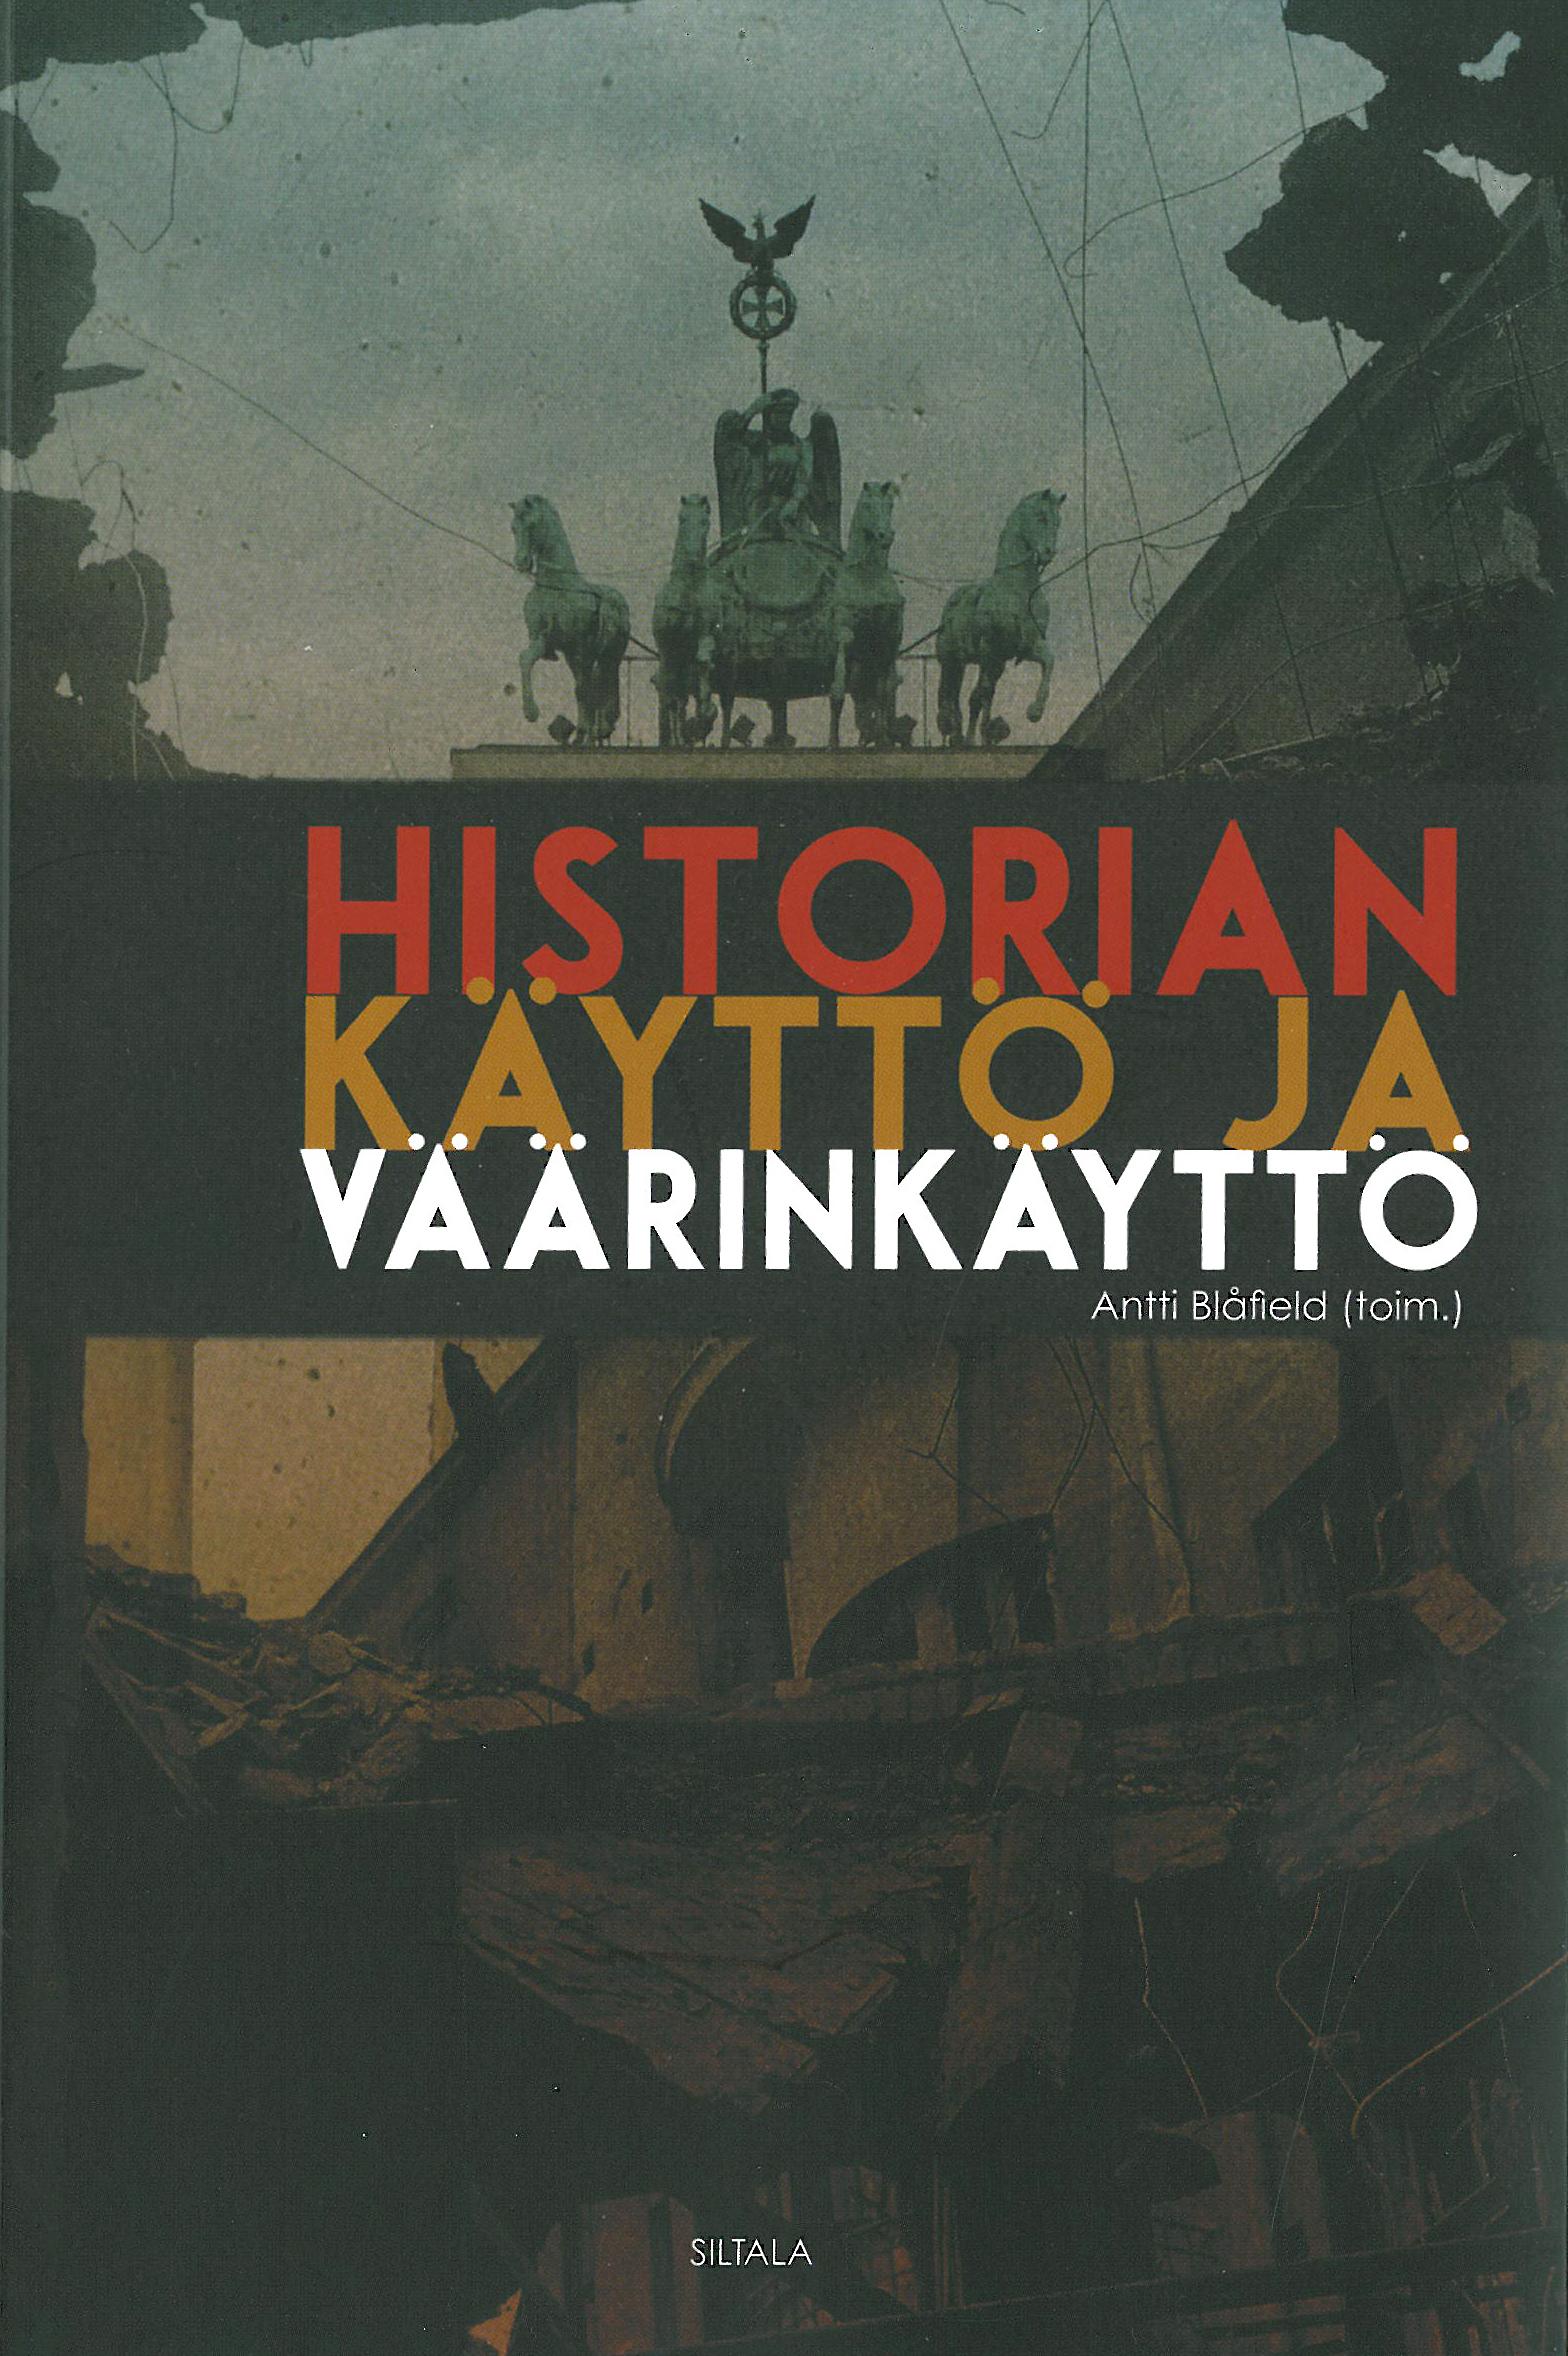 Antti Blåfield (toim): Historian käyttö ja väärinkäyttö. Siltala 2016, 270 s.